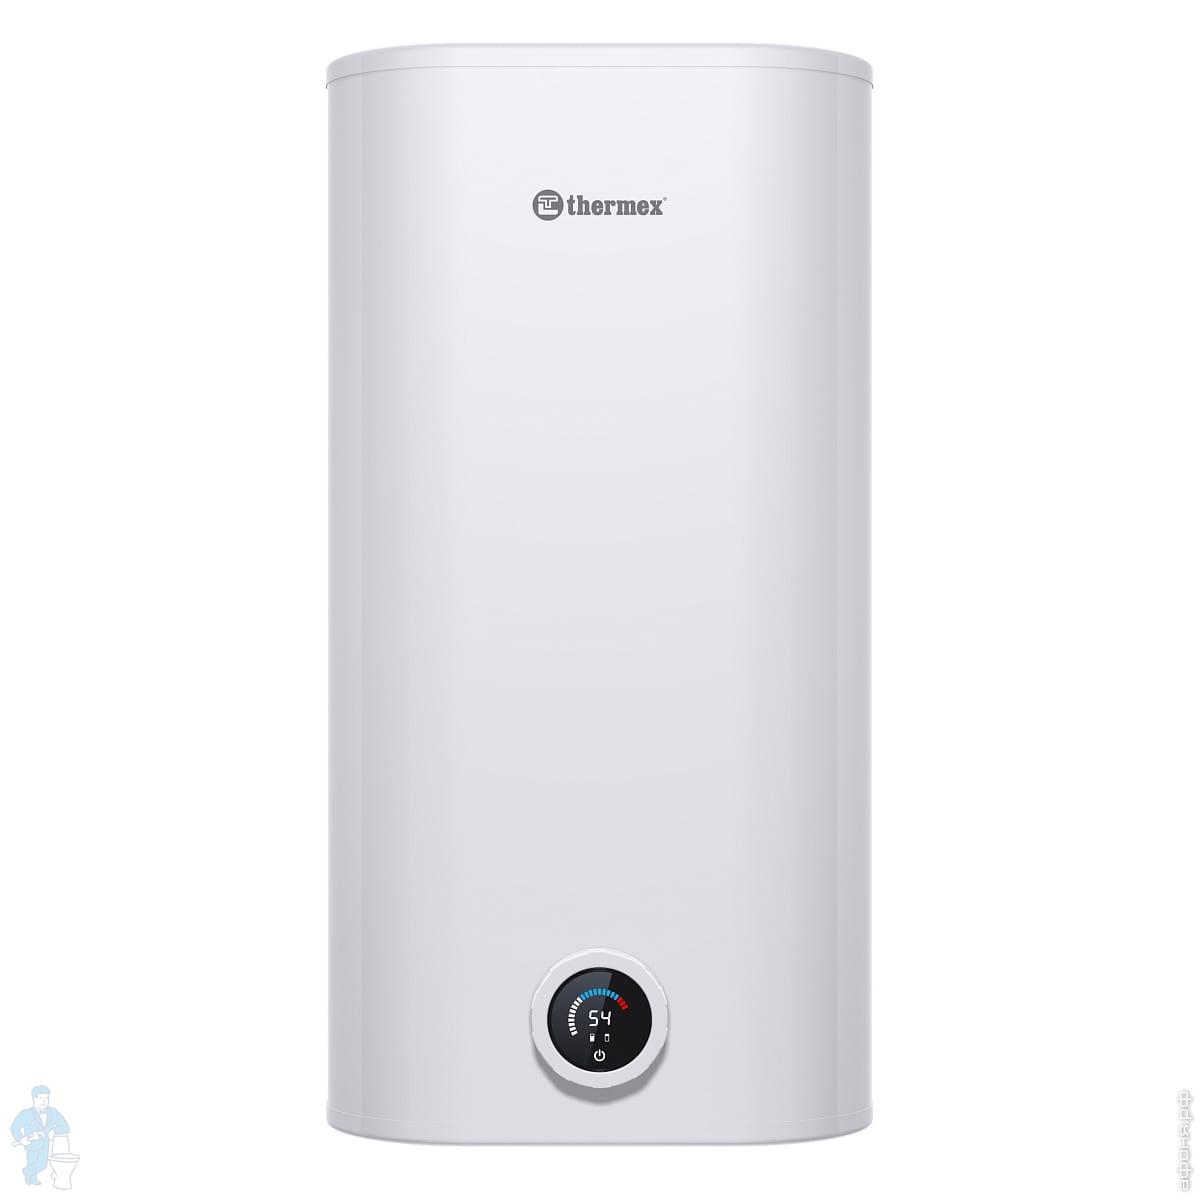 Накопительный водонагреватель Термекс M-SMART MS 50 V (pro) (870х434х268) 2,0 кВт, плоская форма | Афоня.рф, цена 14 790 руб.